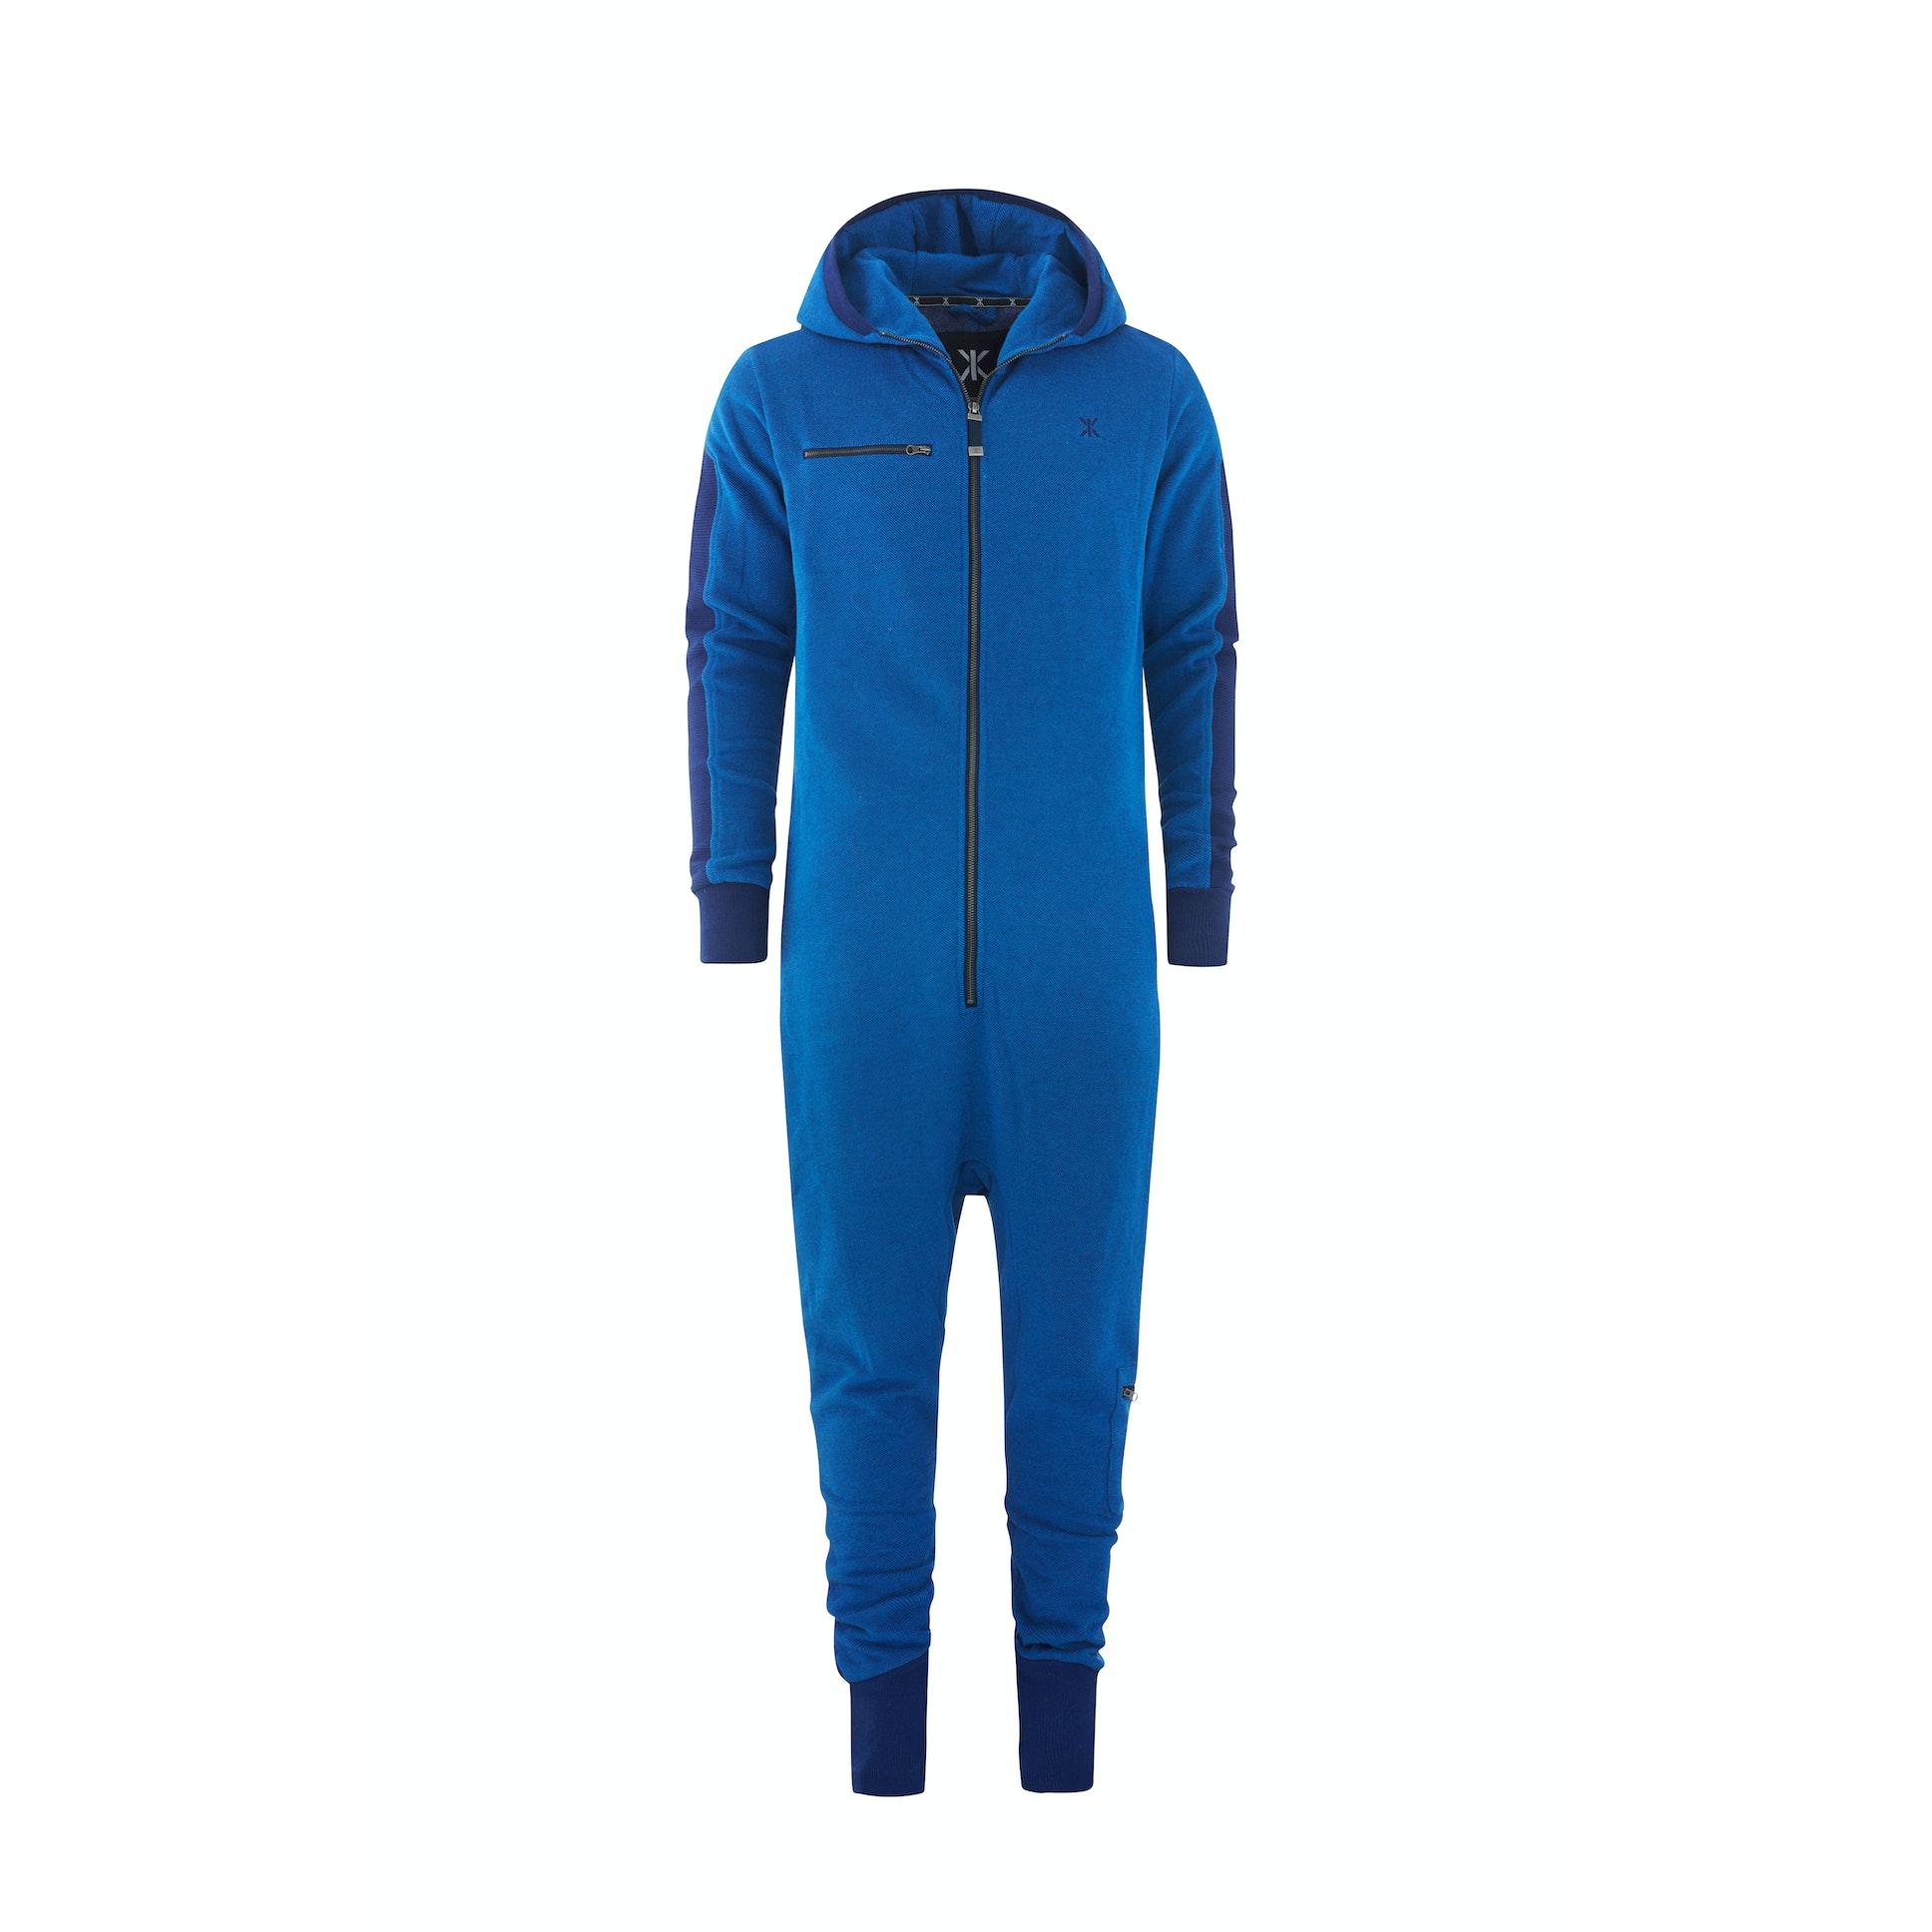 slow jumpsuit depth blue melange onesie onepiece uk. Black Bedroom Furniture Sets. Home Design Ideas